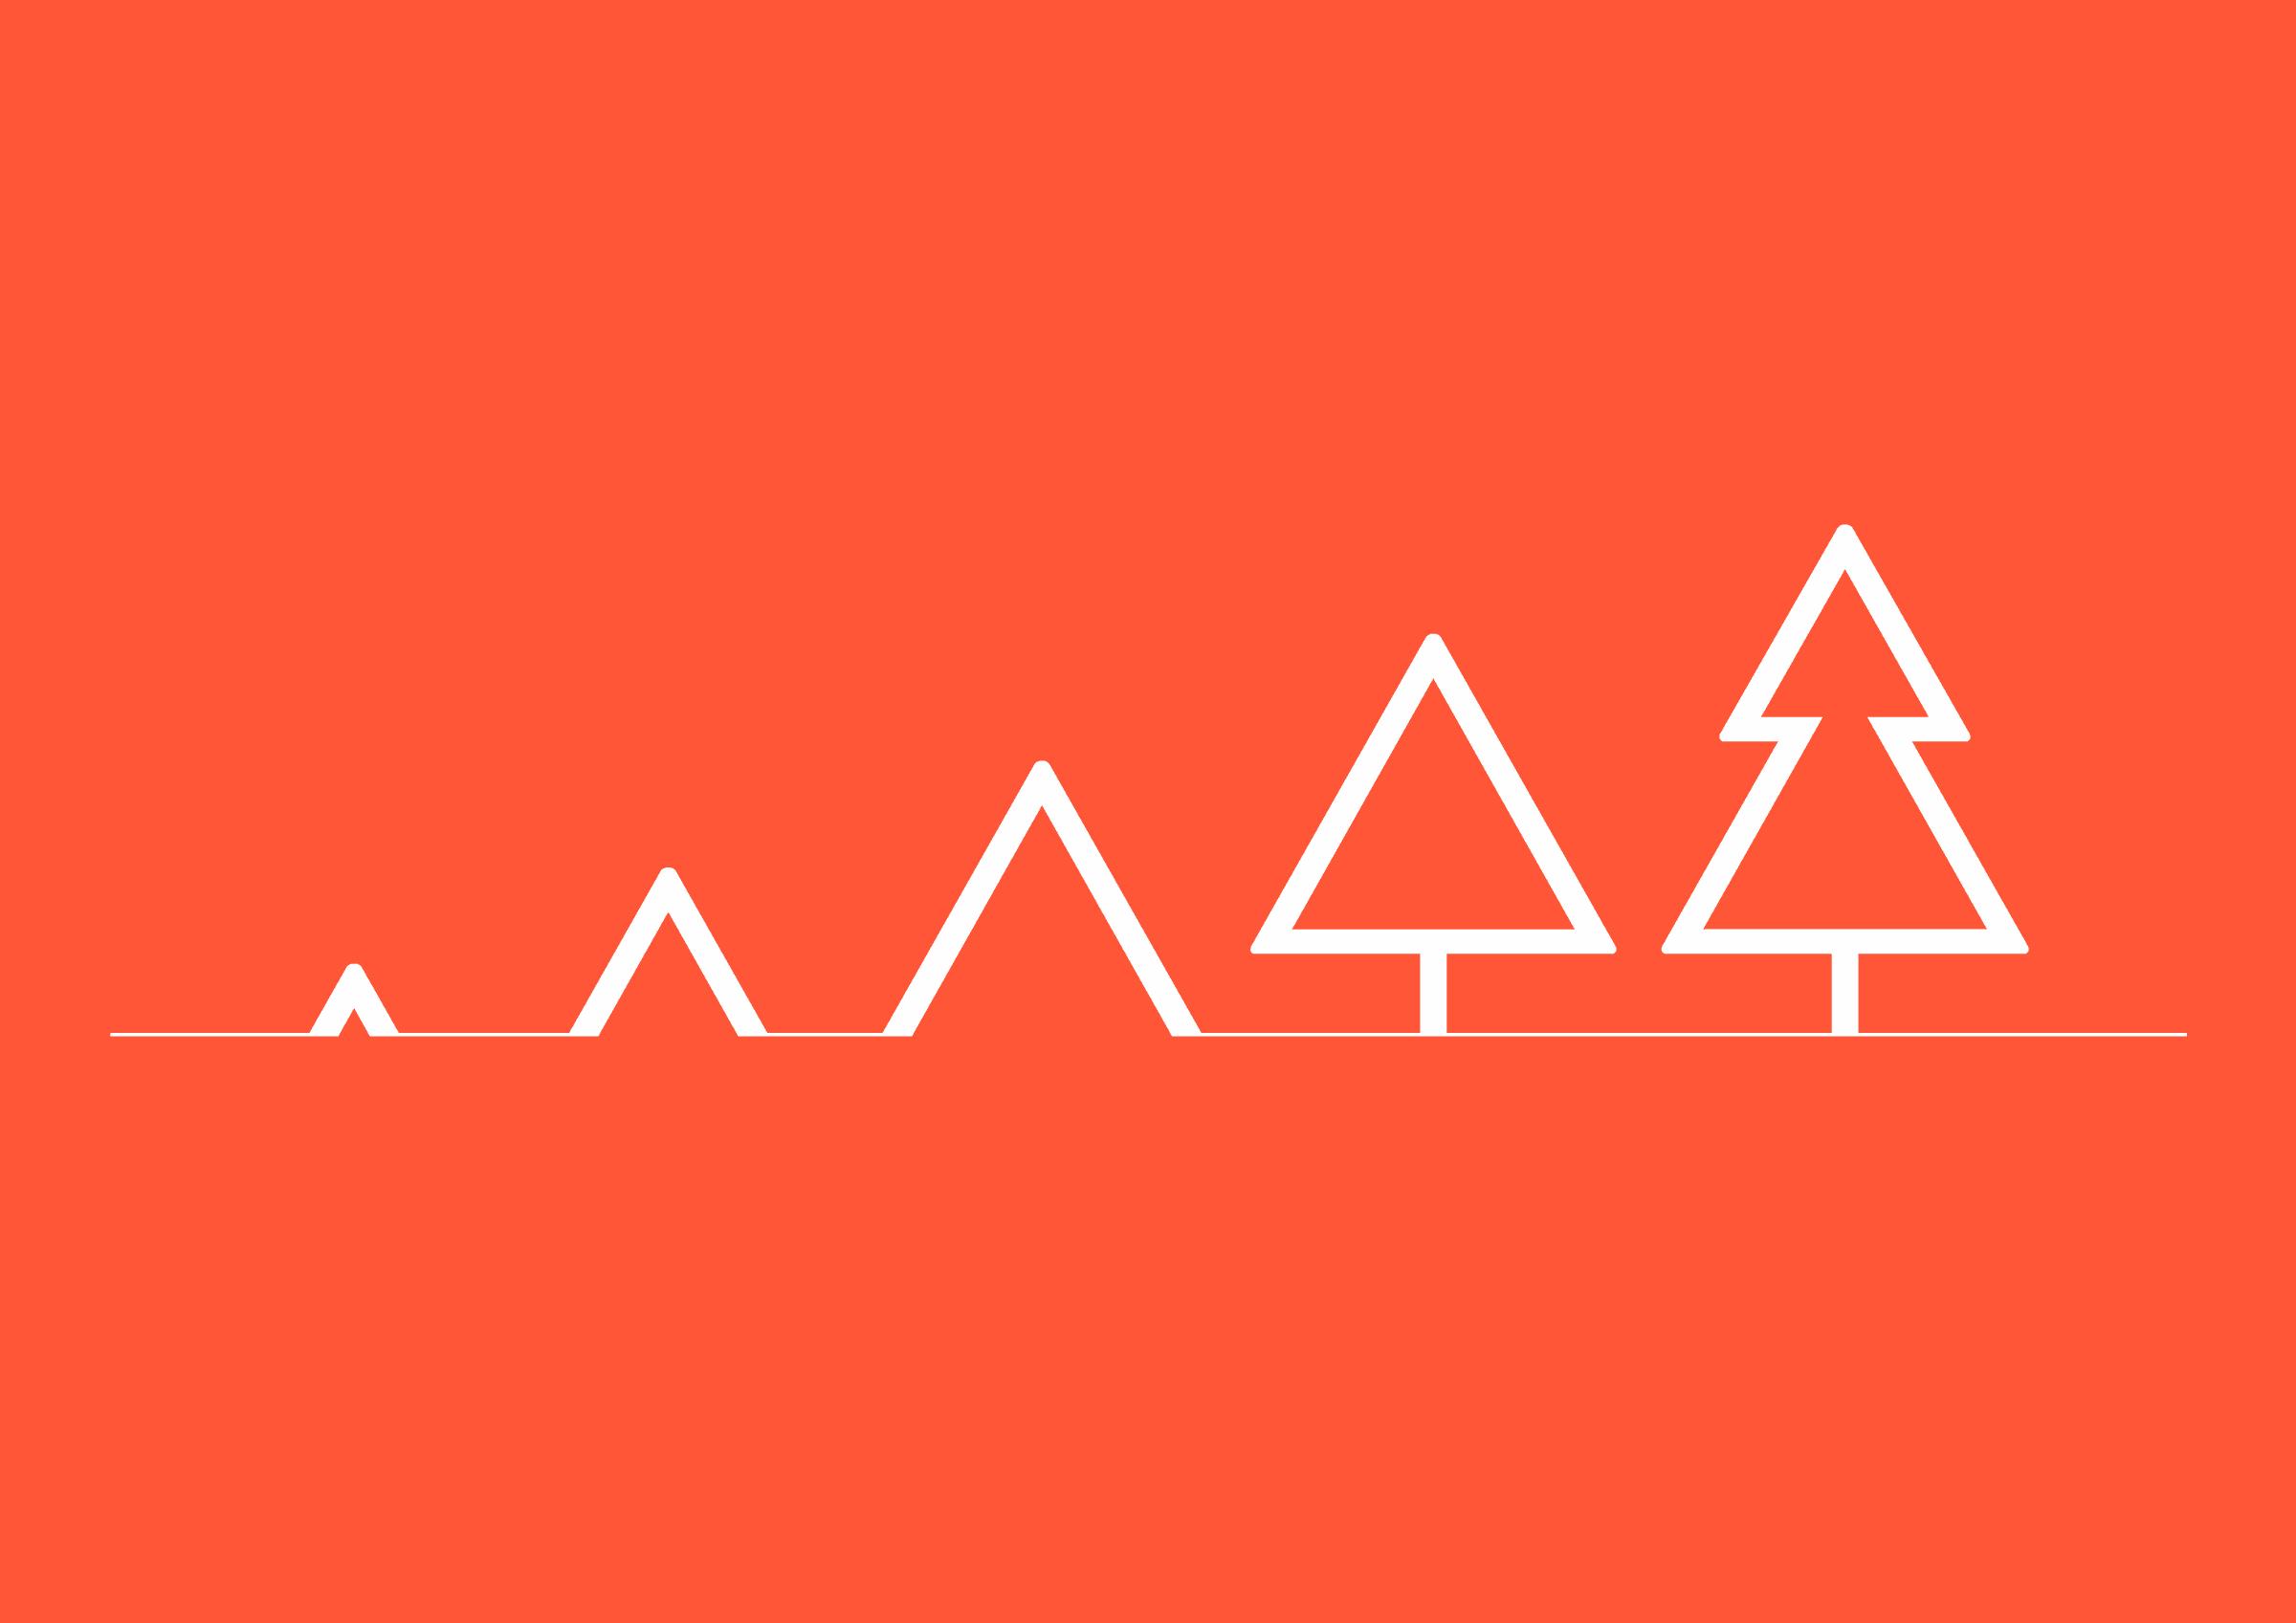 fraktal-startup_estonia-02